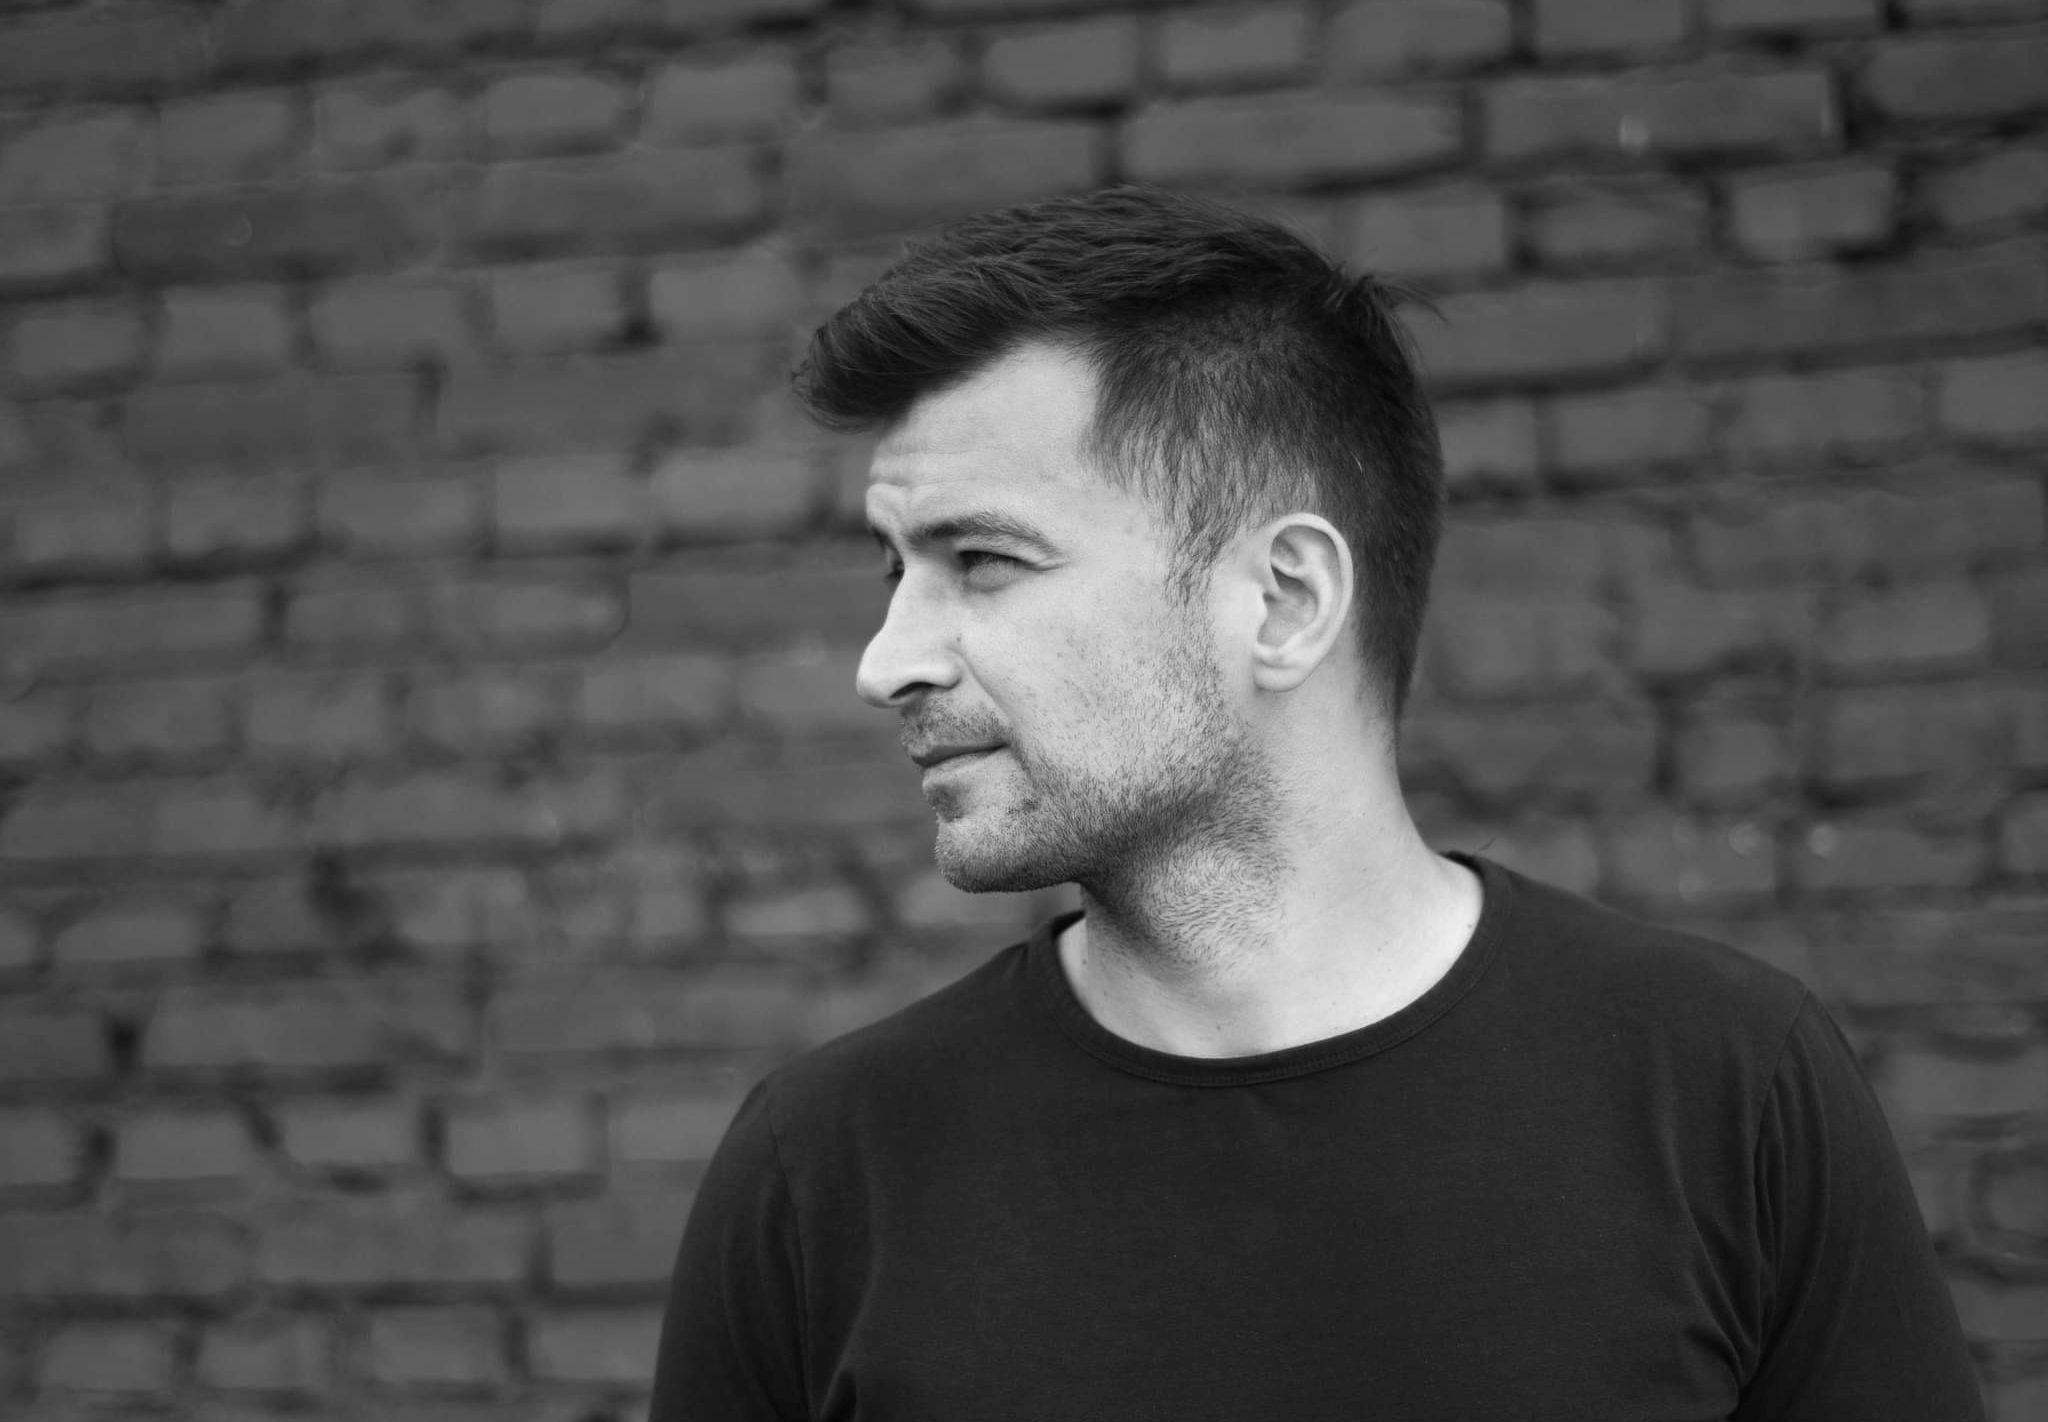 Popularność samotnika – rozmowa z Jakubem Małeckim [WYWIAD]